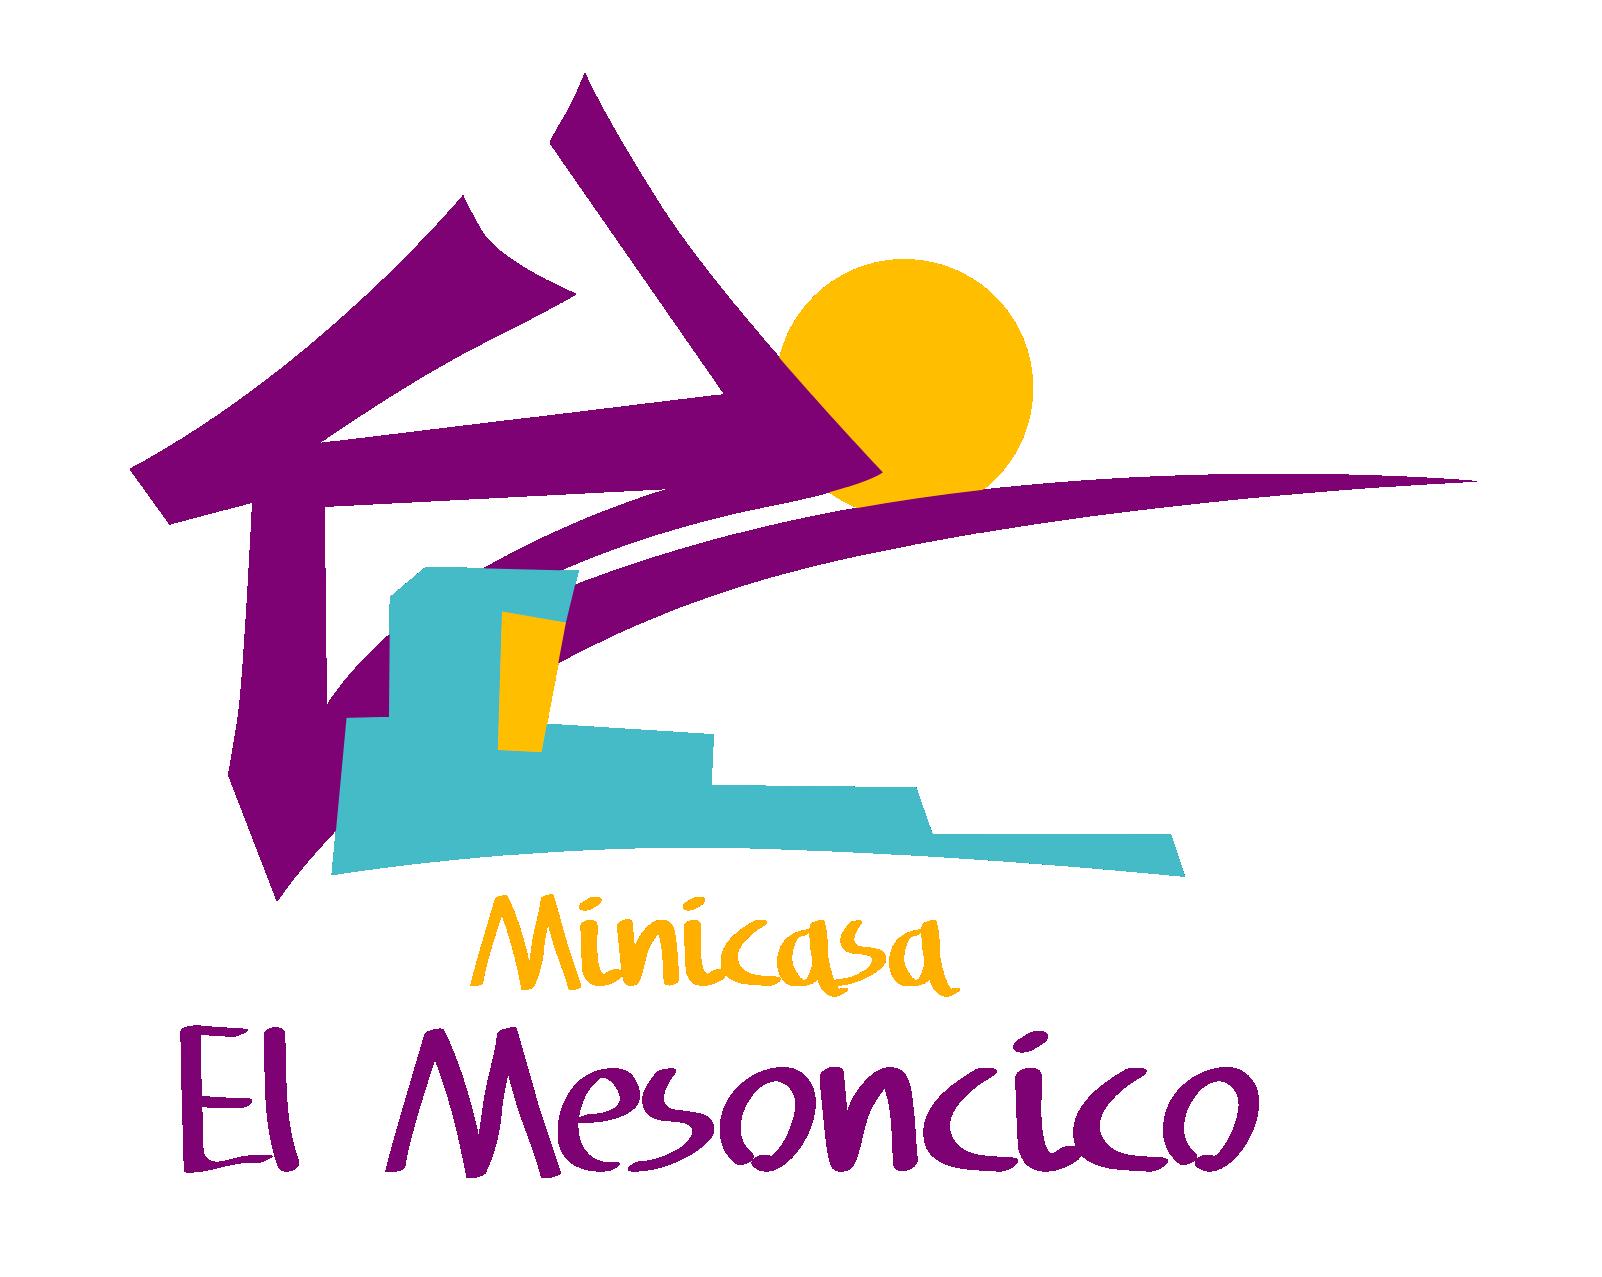 Minicasa El Mesoncico